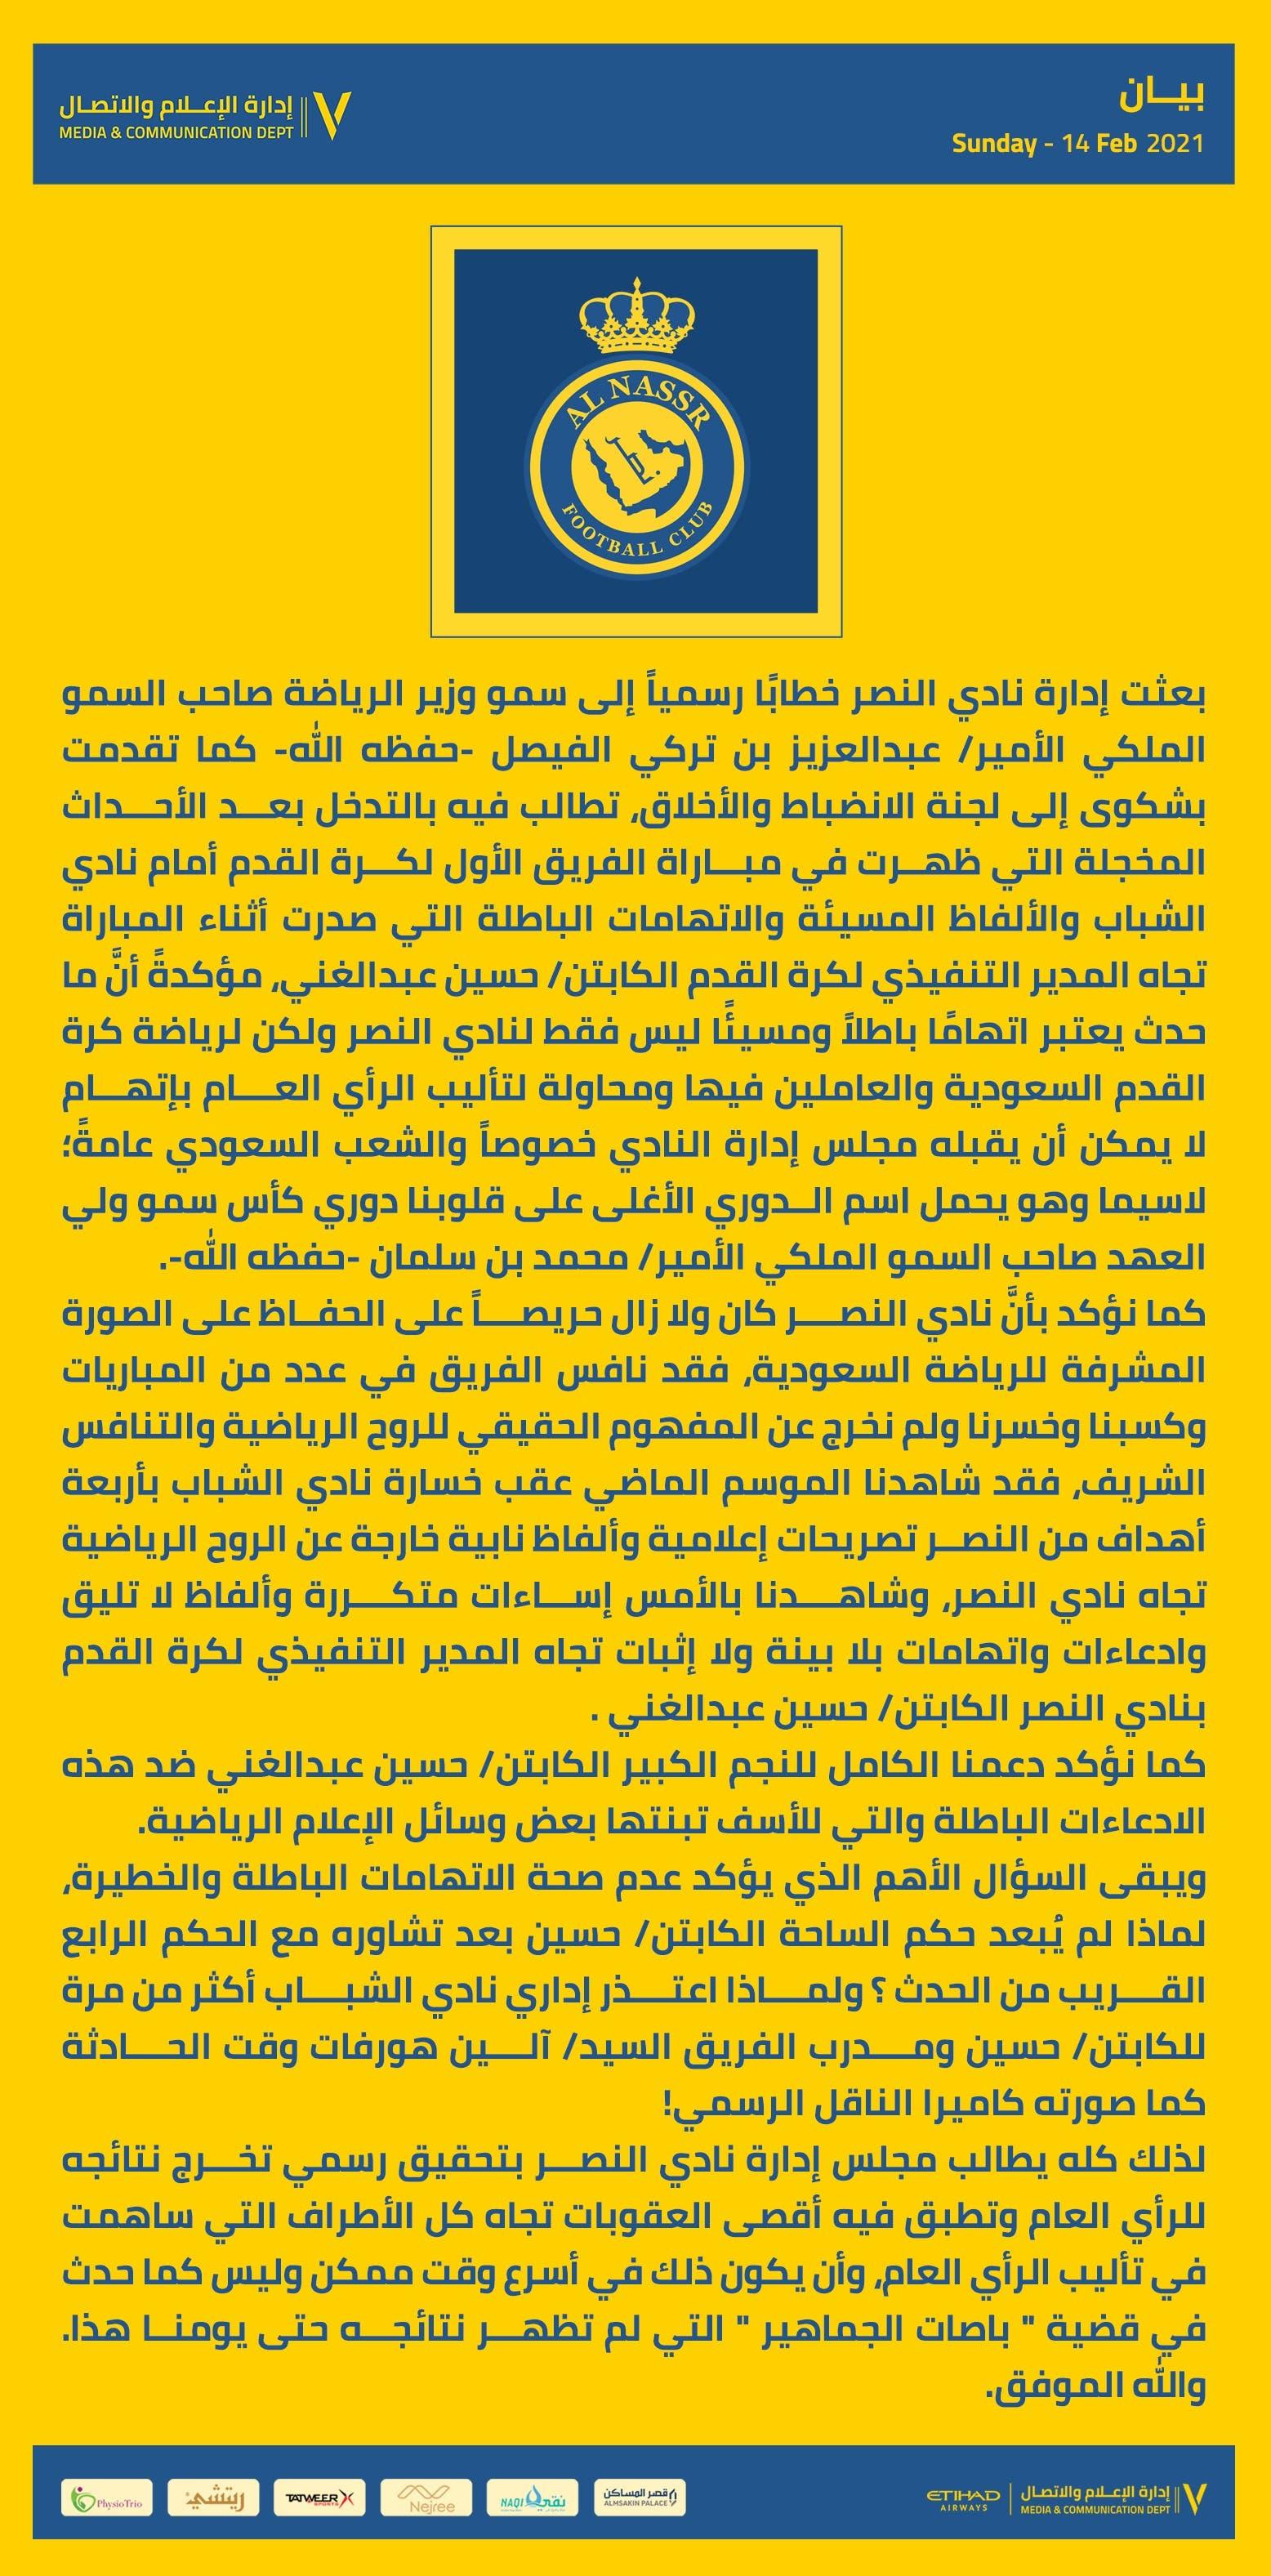 بيان نادي النصر